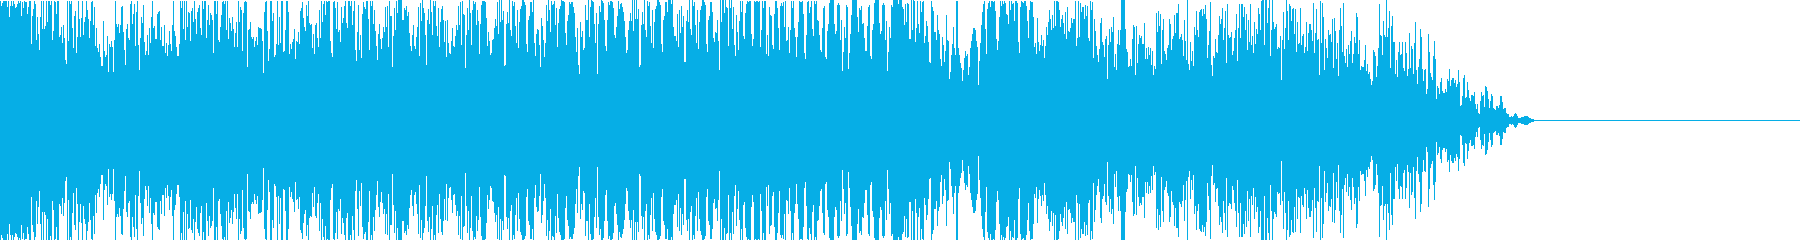 サイバーな音のグリッチのテープストップの再生済みの波形